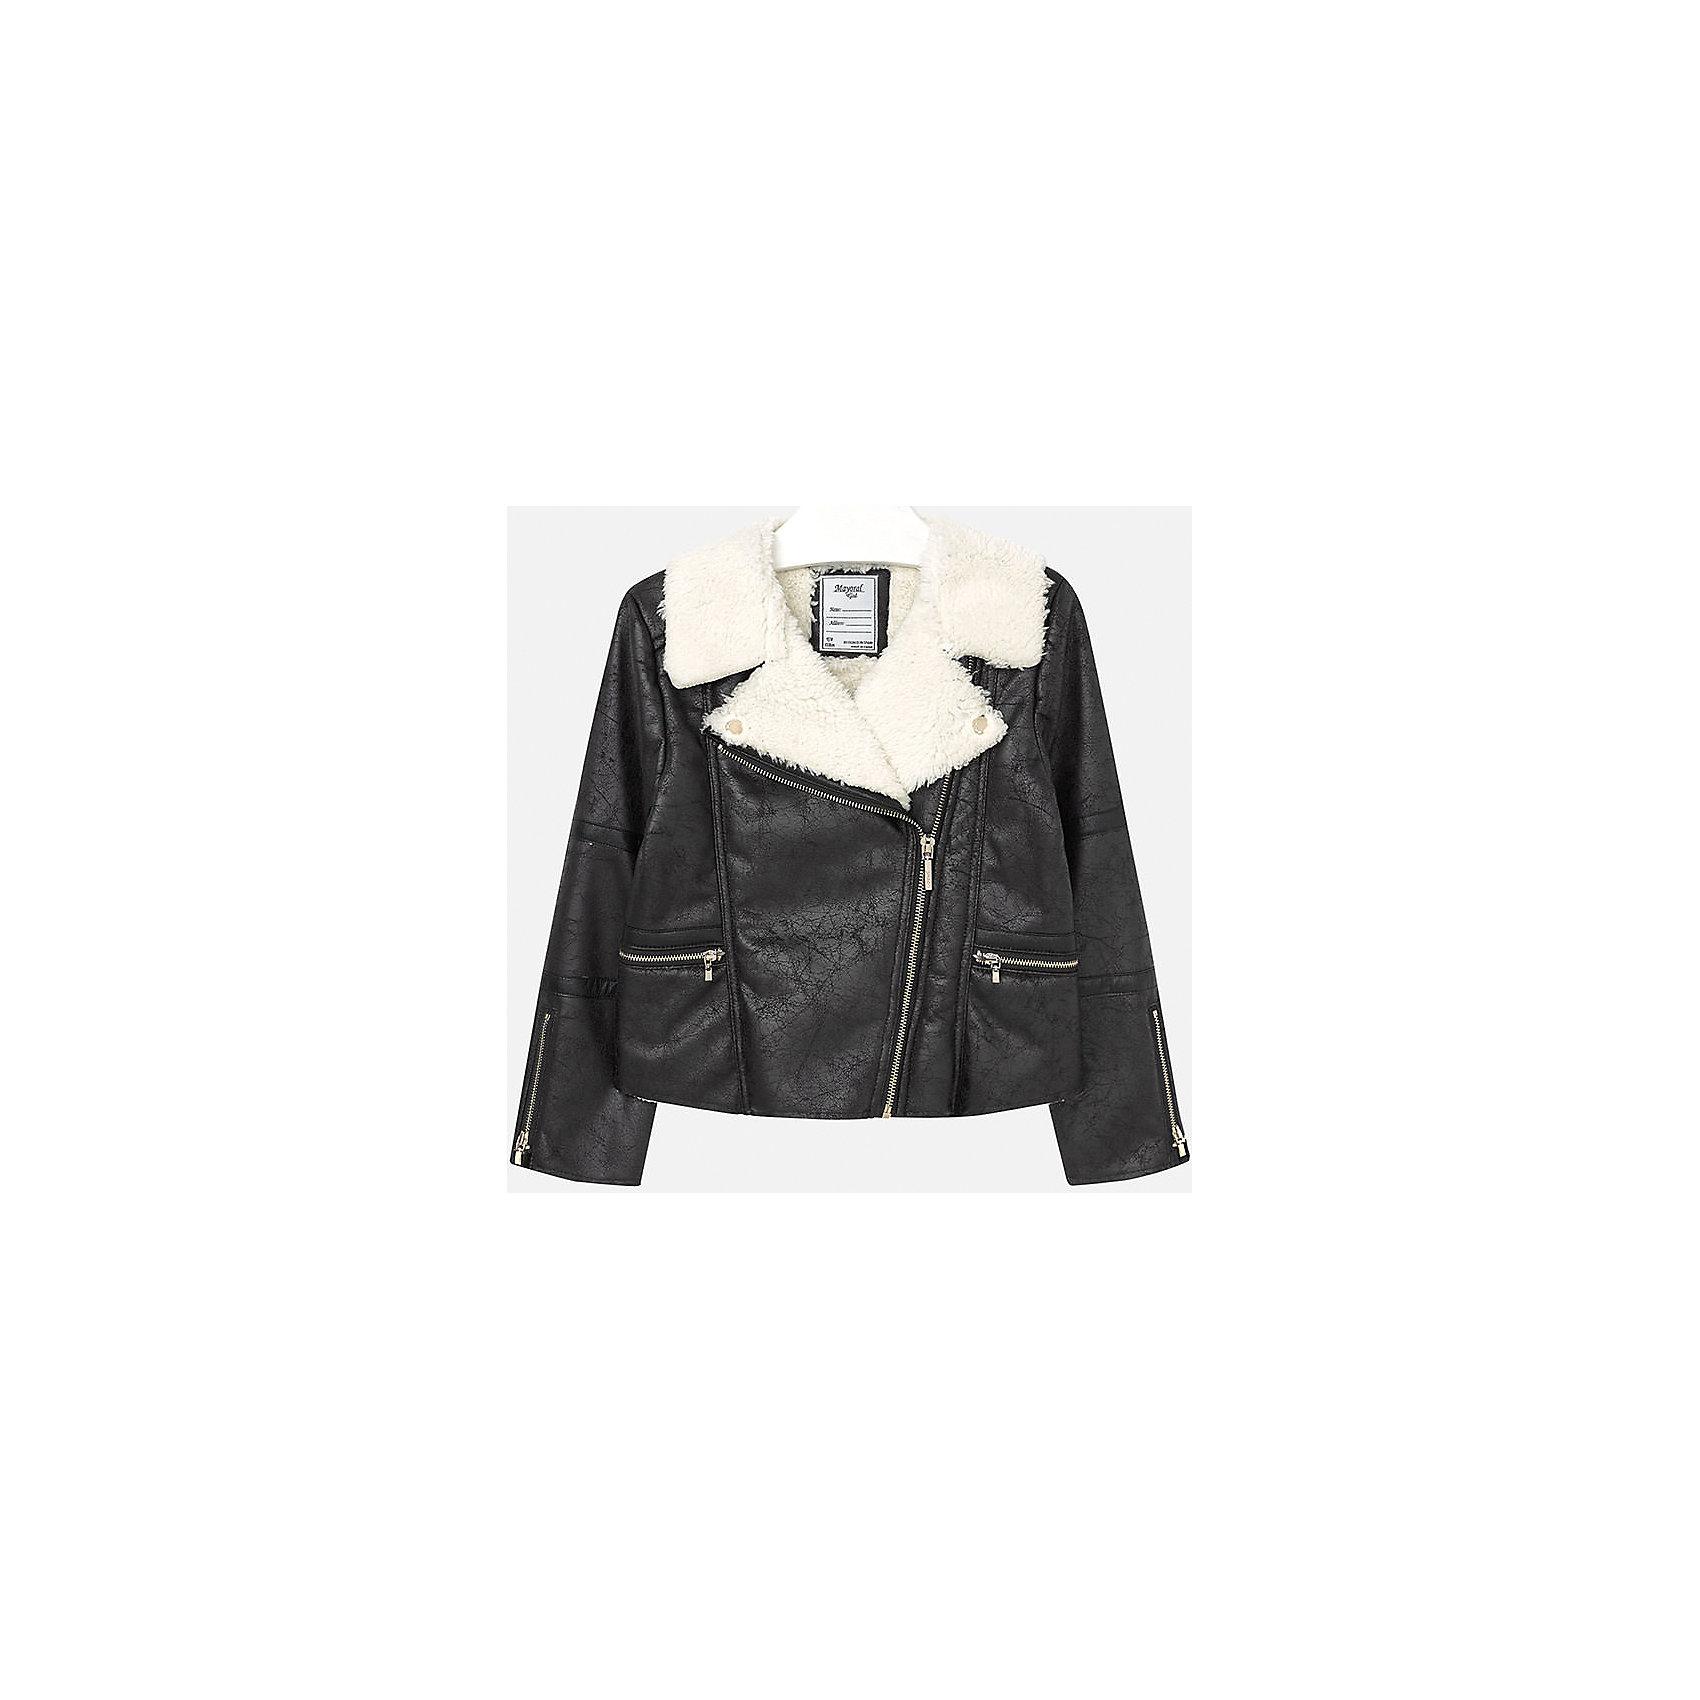 Куртка для девочки MayoralВерхняя одежда<br>Куртка для девочки от популярного испанского бренда Mayoral(Майорал). Стильная куртка из искусственной замши с эффектом потертостей, украшена искусственным мехом на вороте. Застегивается на молнии спереди и на рукавах. Лучшее сочетание стиля и простоты!<br>Дополнительная информация:<br>-застегивается на молнию<br>-эффект потертости<br>-цвет: черный<br>-состав: 100% полиэстер<br>Куртку Mayoral(Майорал) вы можете приобрести в нашем интернет-магазине.<br><br>Ширина мм: 356<br>Глубина мм: 10<br>Высота мм: 245<br>Вес г: 519<br>Цвет: черный<br>Возраст от месяцев: 96<br>Возраст до месяцев: 108<br>Пол: Женский<br>Возраст: Детский<br>Размер: 128/134,164/170,152/158,146/152,158/164,134/140<br>SKU: 4847283